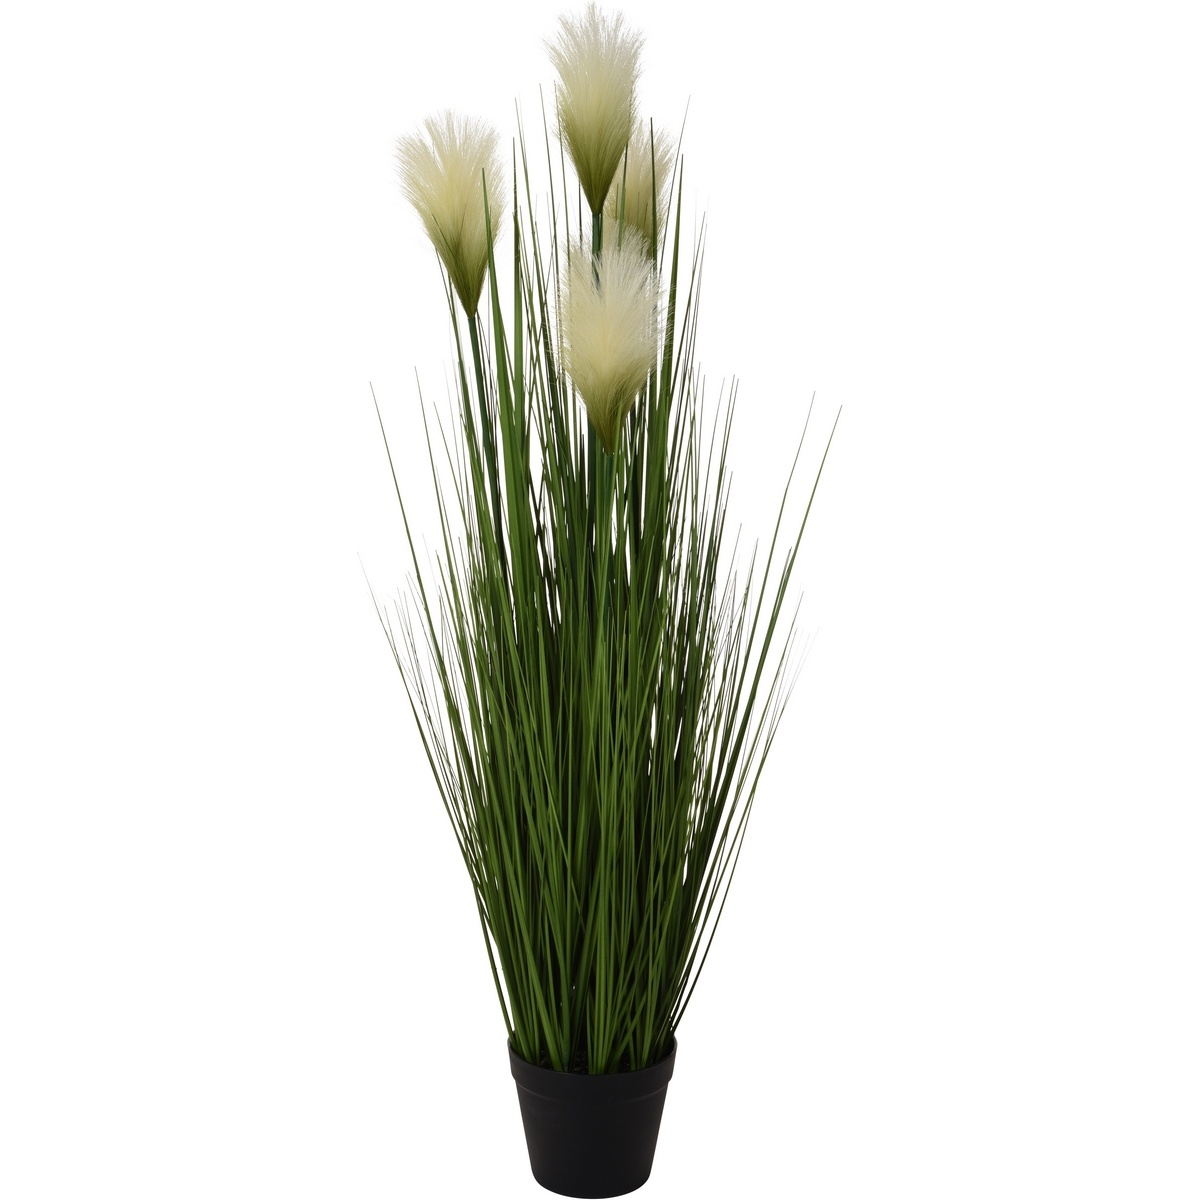 Umělá kvetoucí tráva v květináči, 104 cm